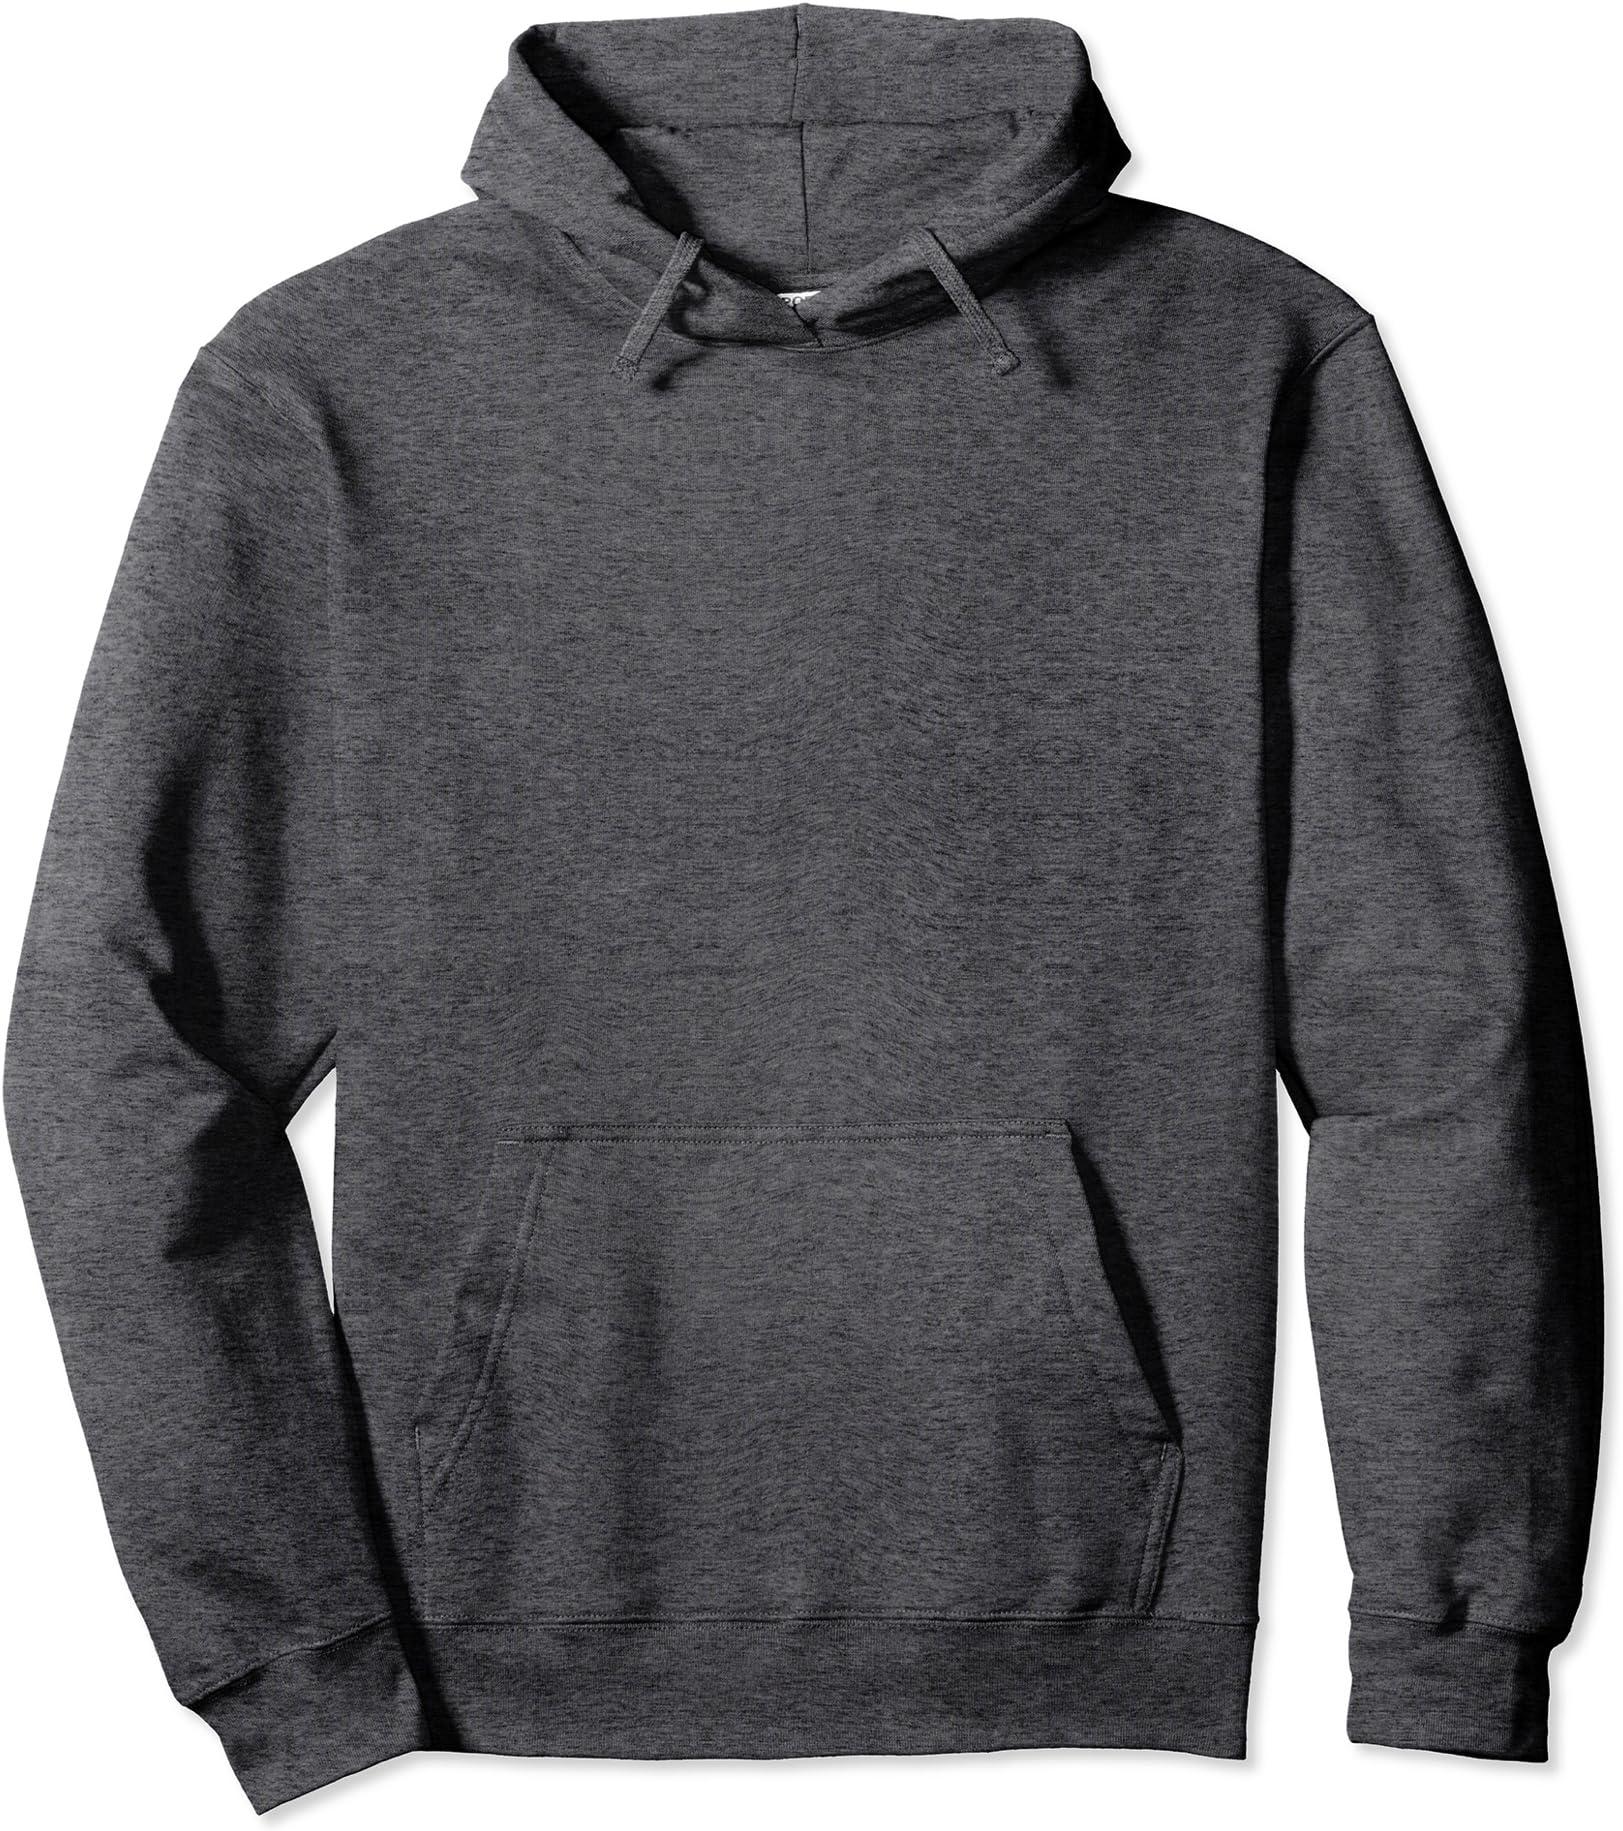 Crazy chicken lady unisex jumper sweatshirt pullover